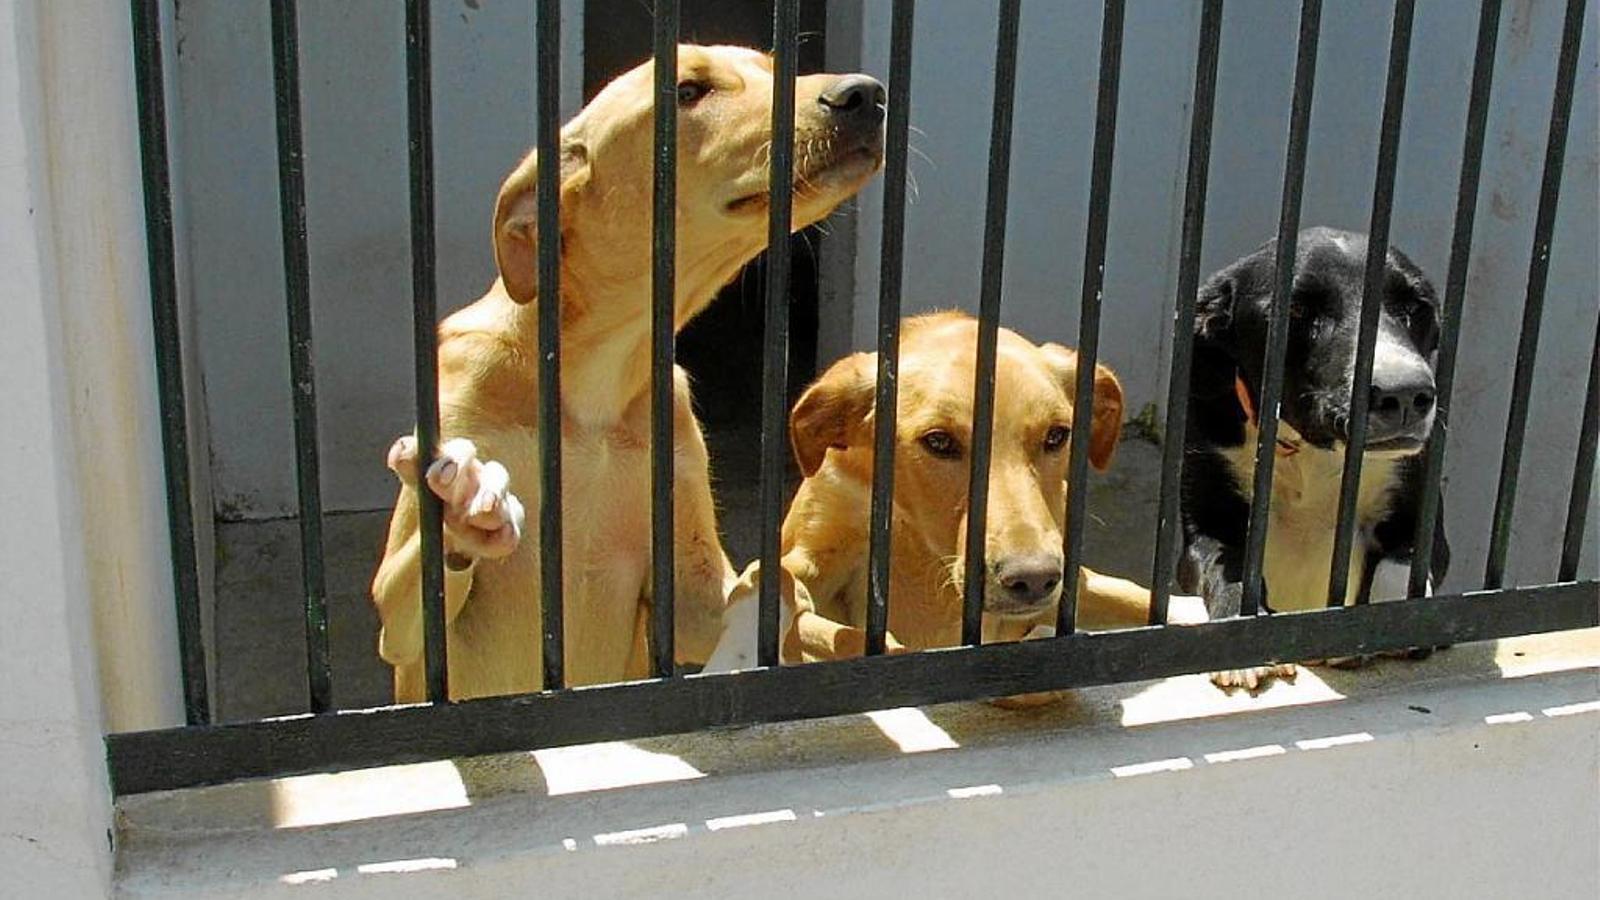 El centre demana a la ciutadania que adopti cans, moixos i altres animals.